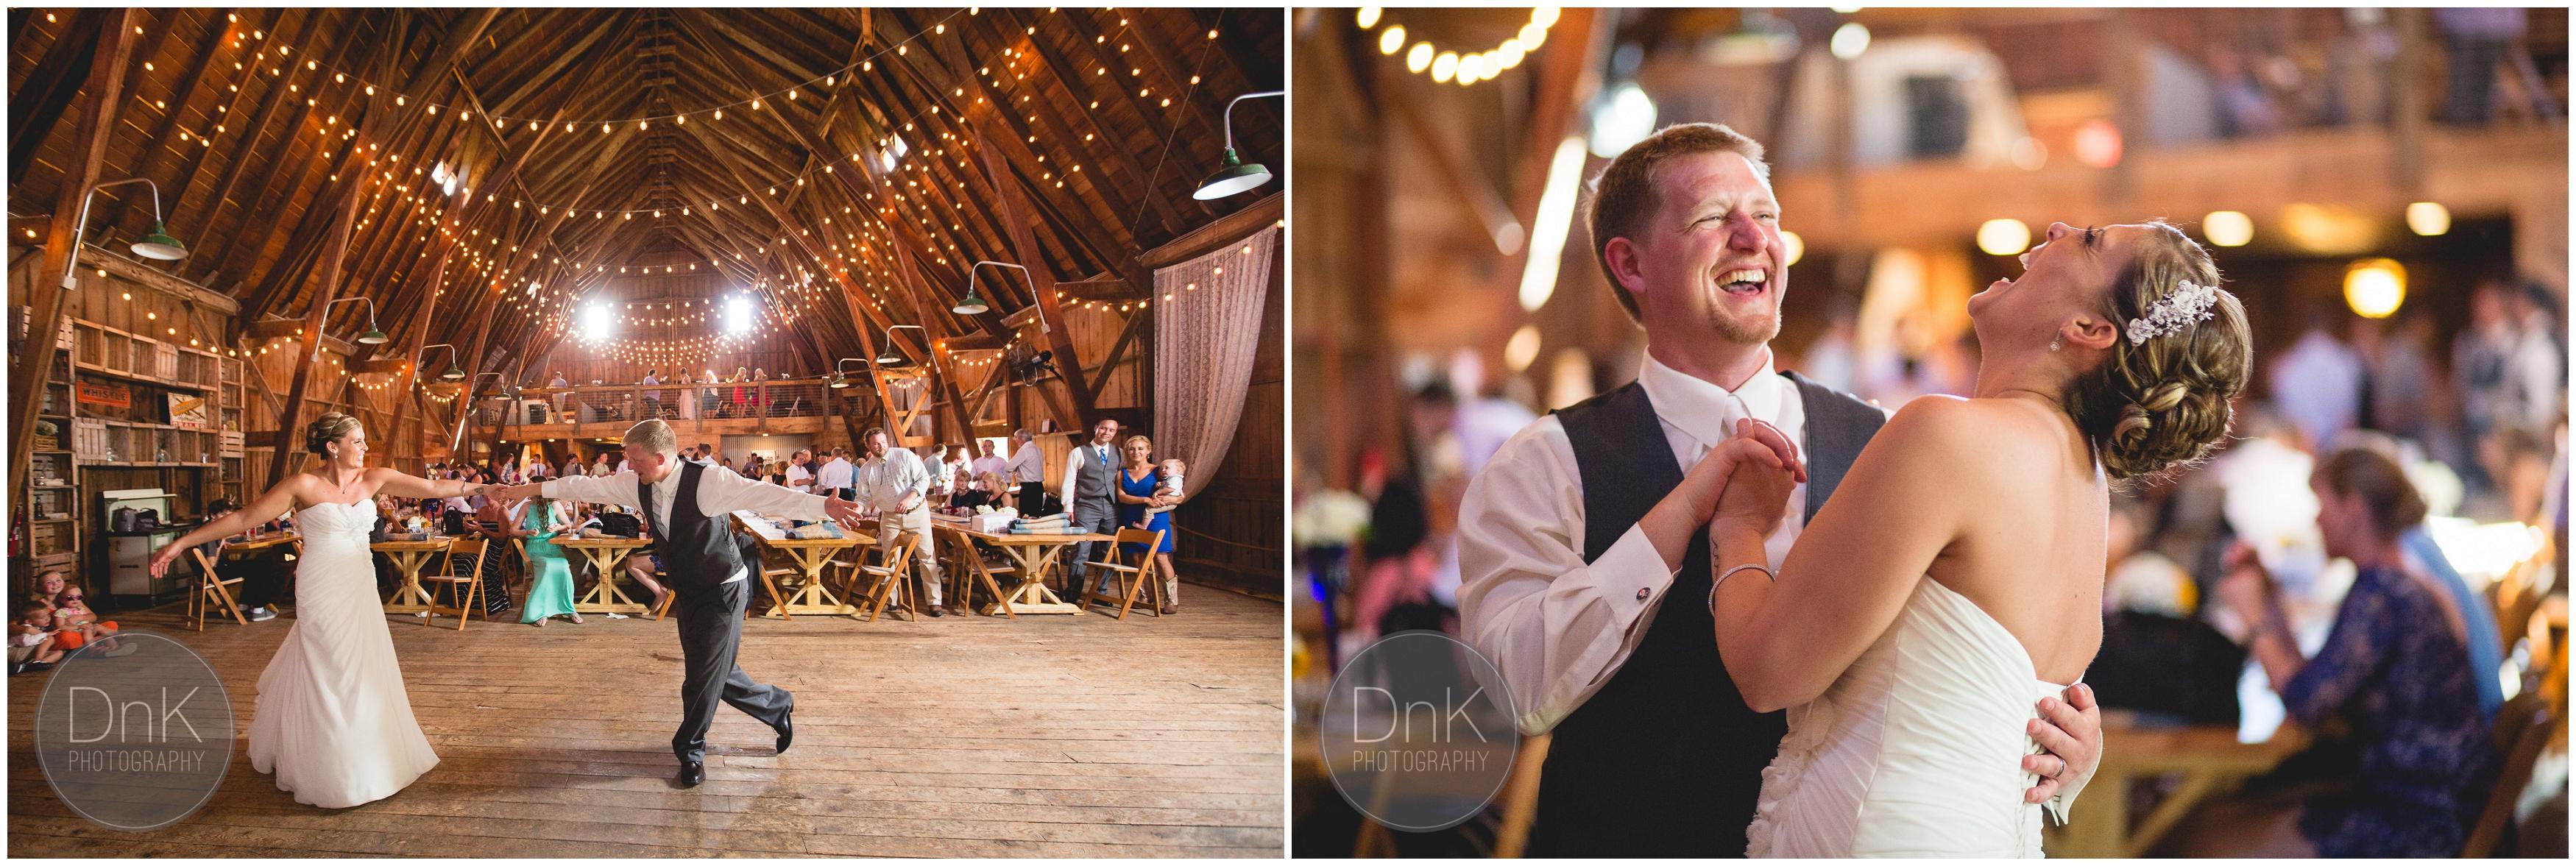 33- Dellwood Barn Wedding Reception